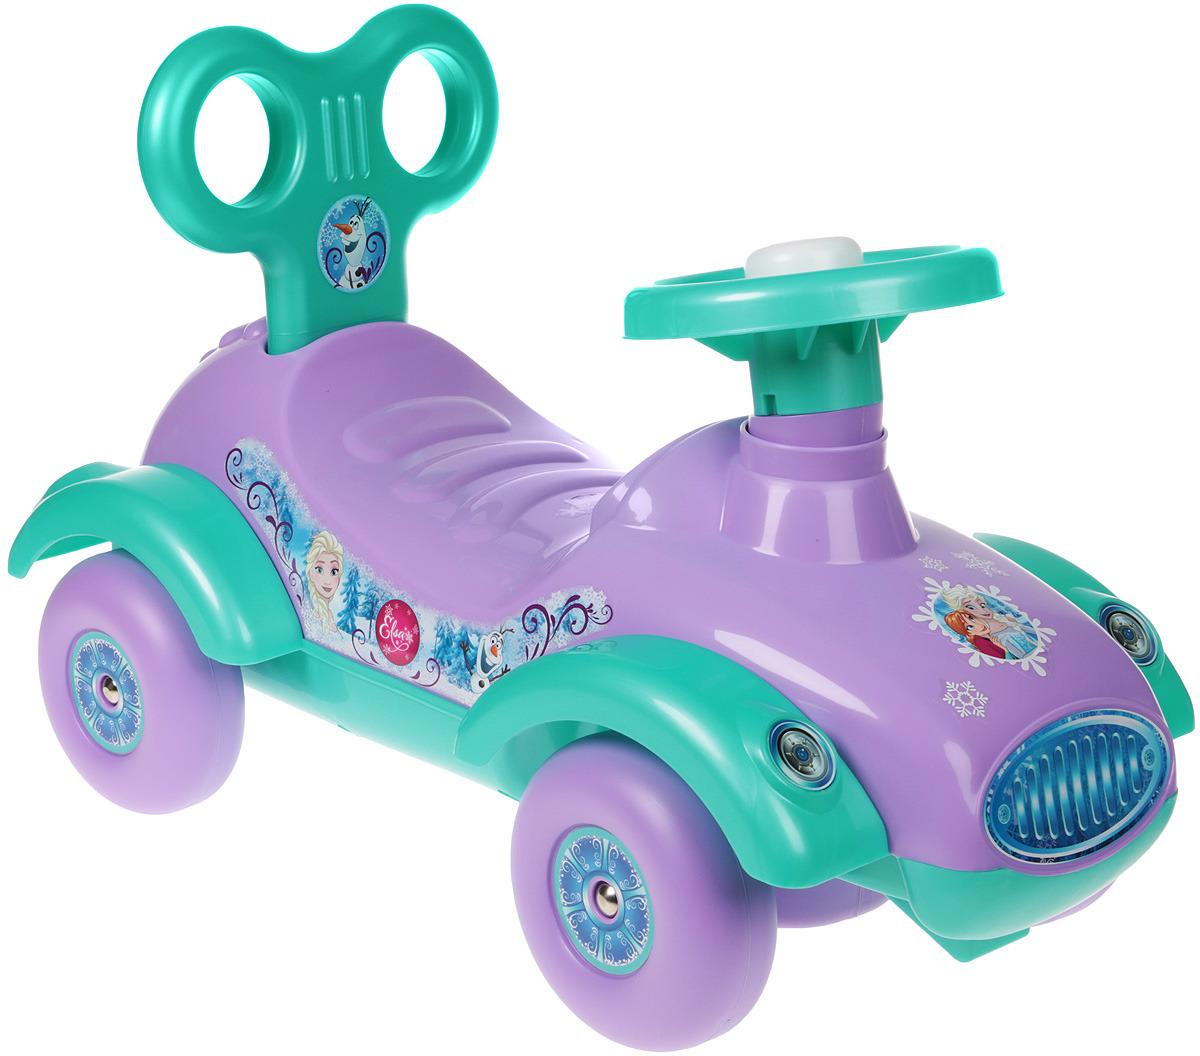 Автомобиль-каталка Полесье Disney. Холодное сердце, цвет в ассортименте автомобиль каталка полесье премиум 2 67142 цвет в ассортименте